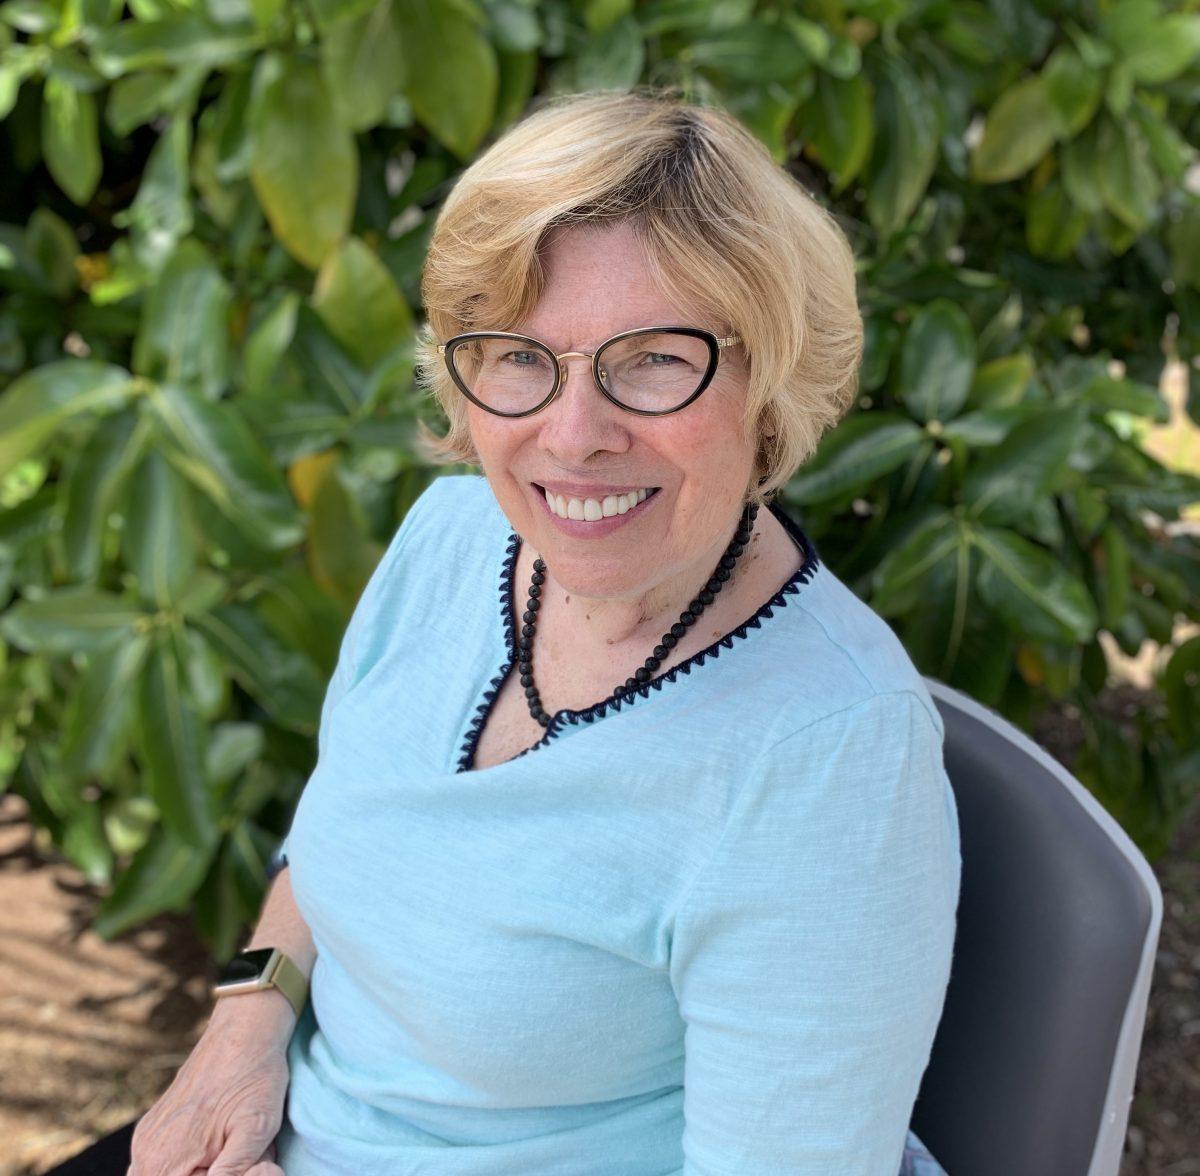 Patricia Morrissey